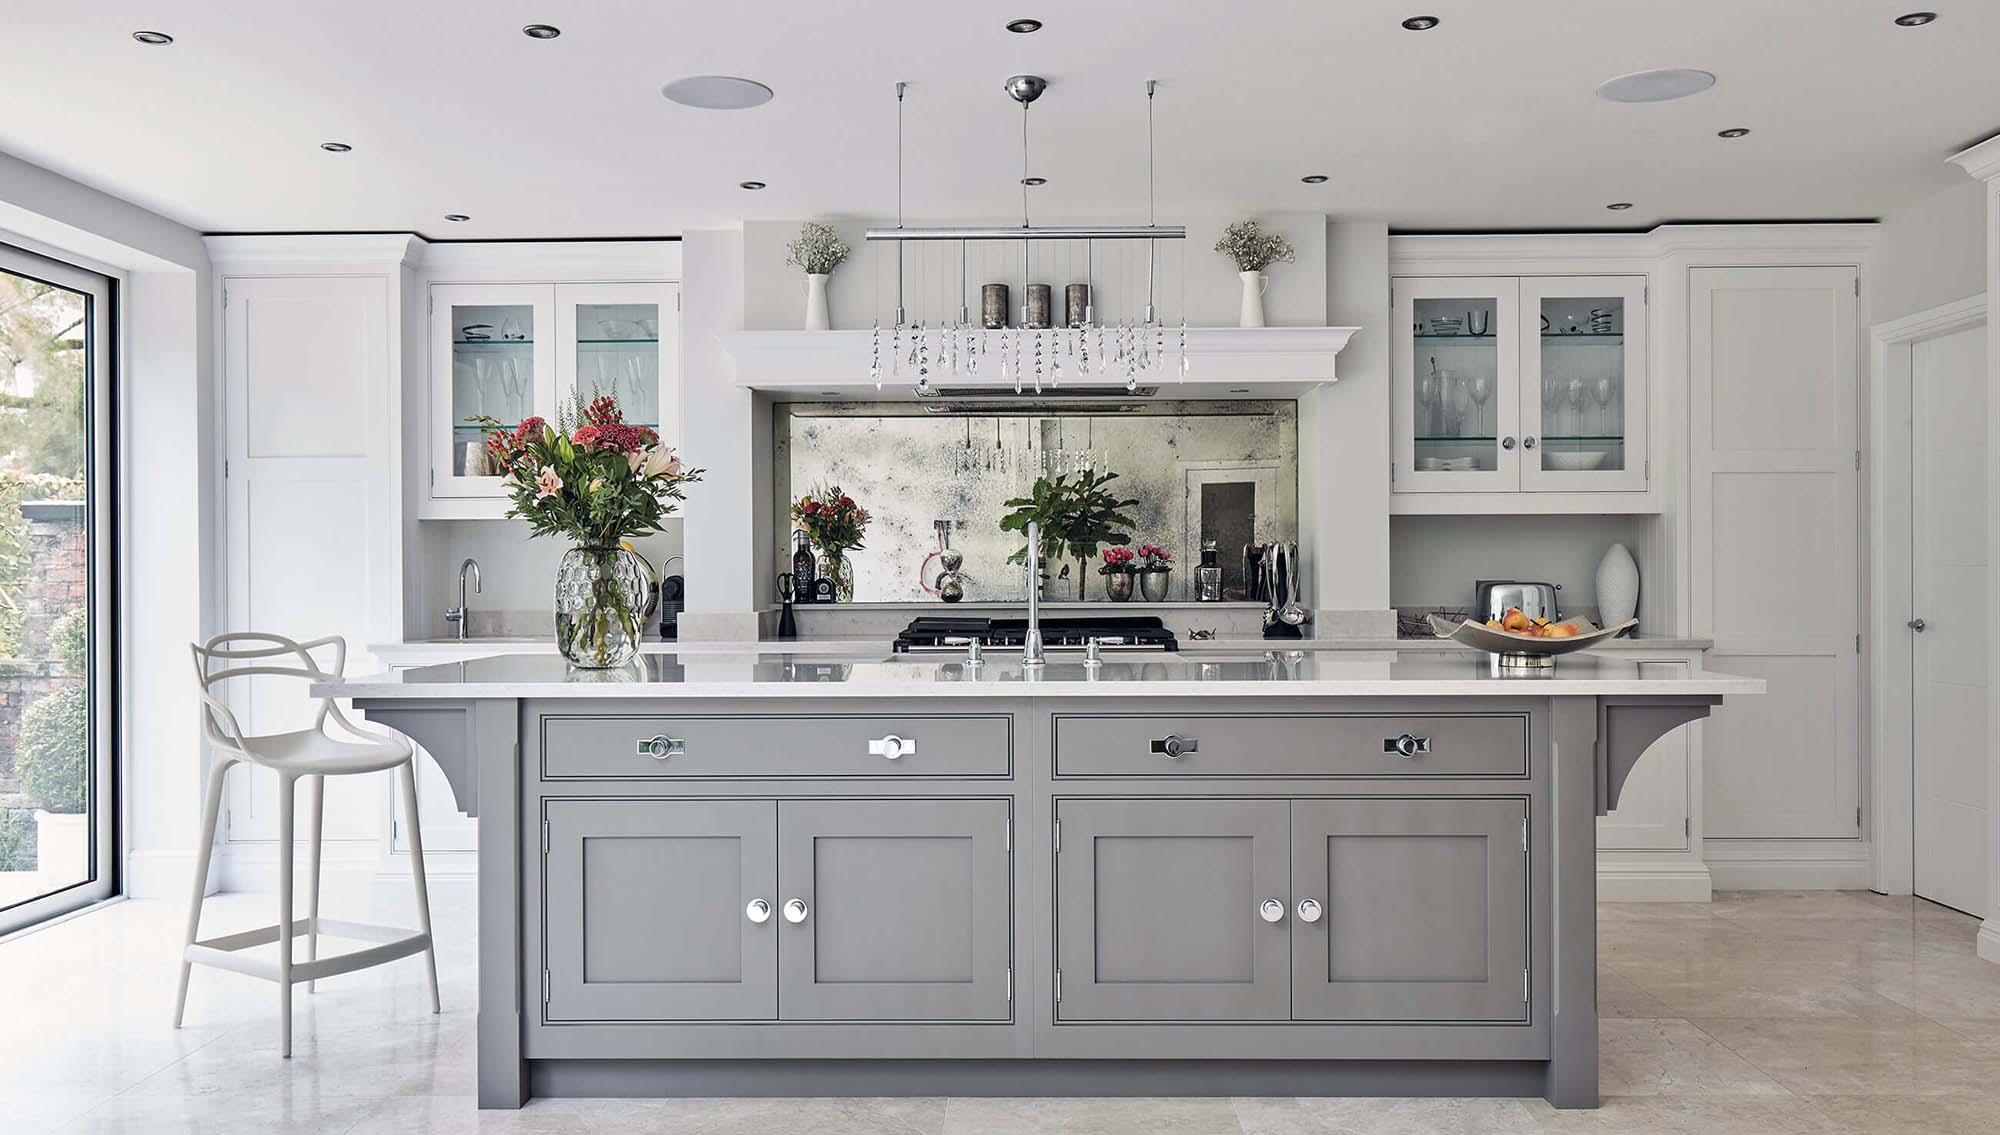 Small Kitchen Design 9   Novocom.top